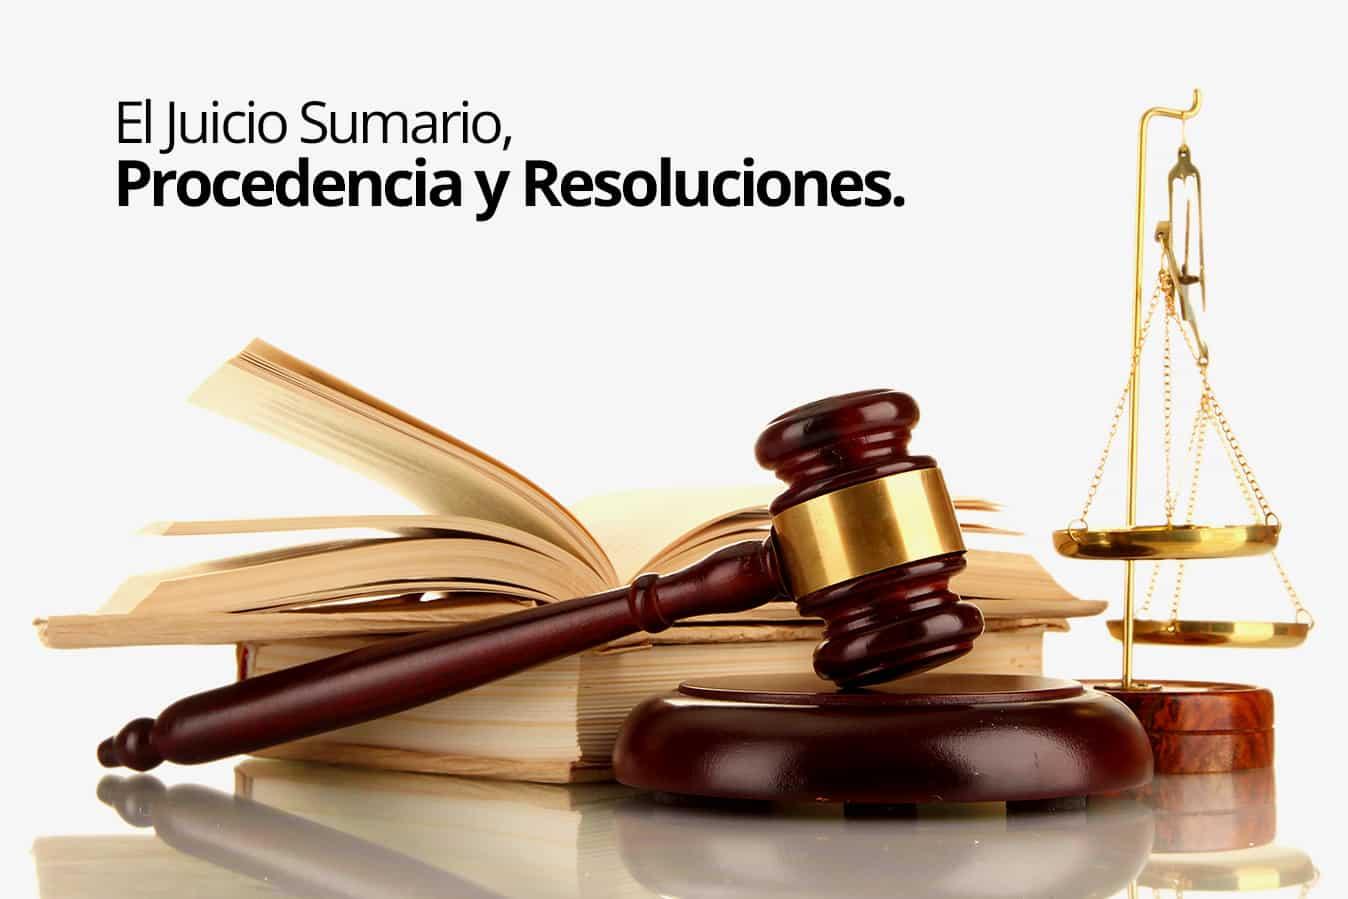 El procedimiento del juicio sumario se justifica con la existencia de un criterio definido y obligatorio para el tribunal que resuelva la controversia